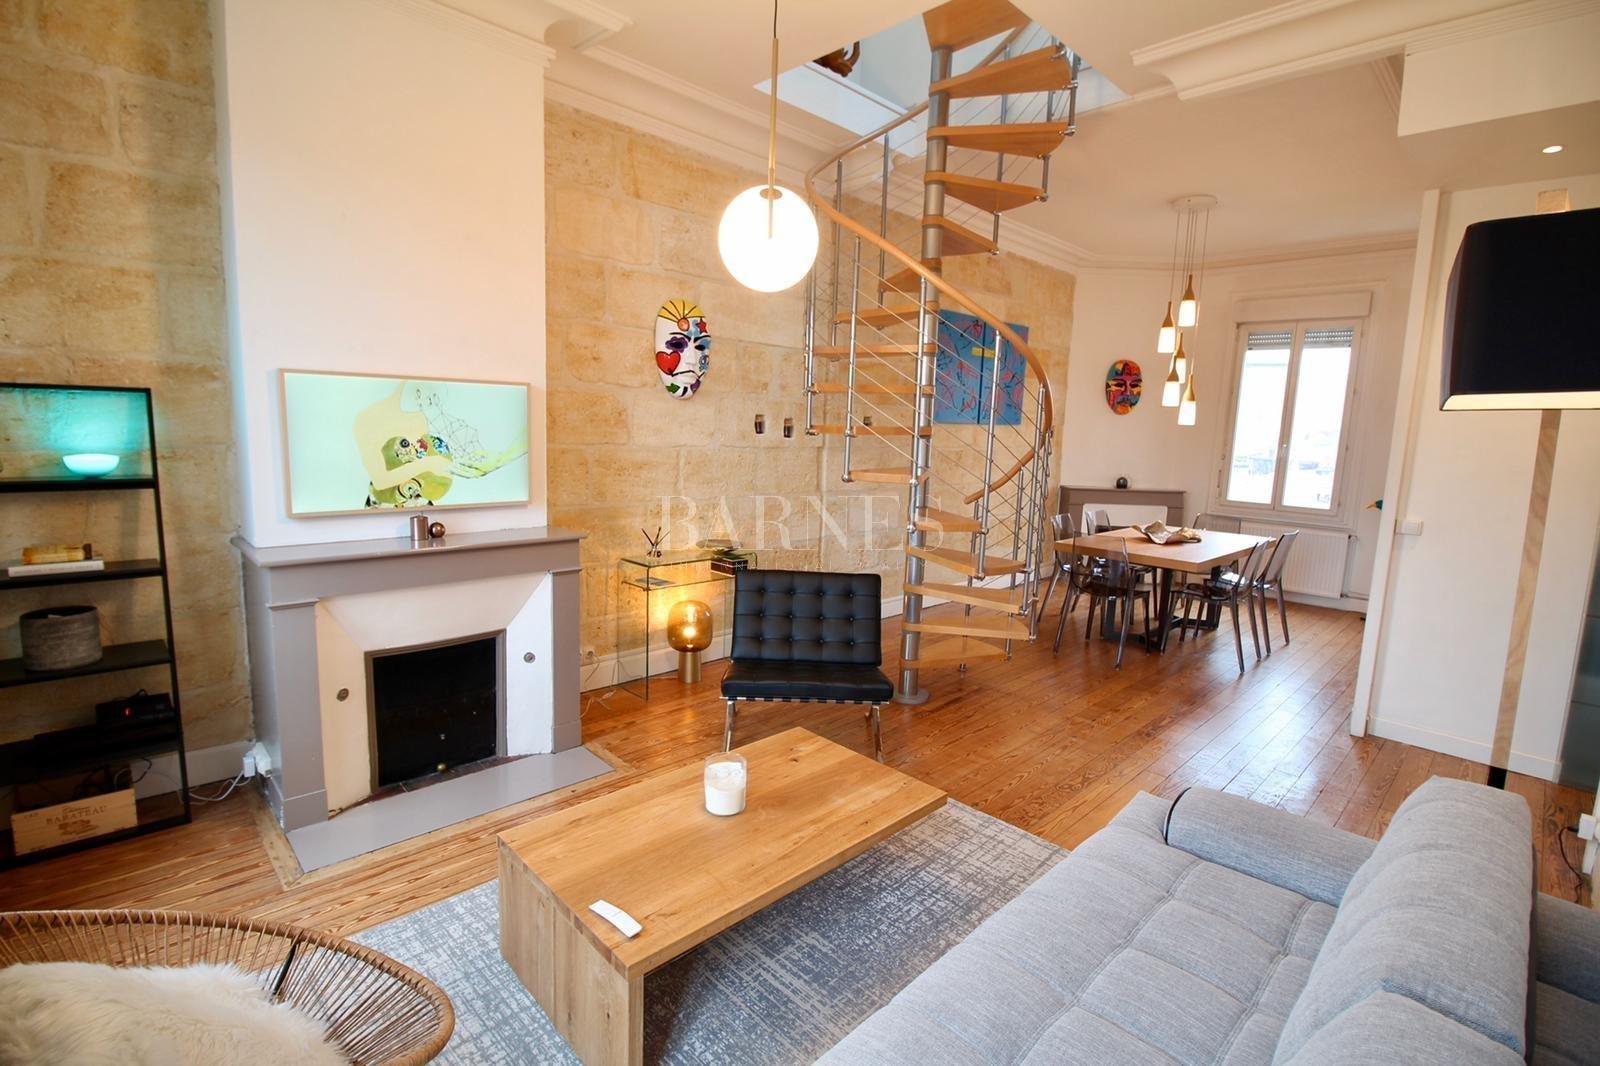 Apartment in Bordeaux, Nouvelle-Aquitaine, France 1